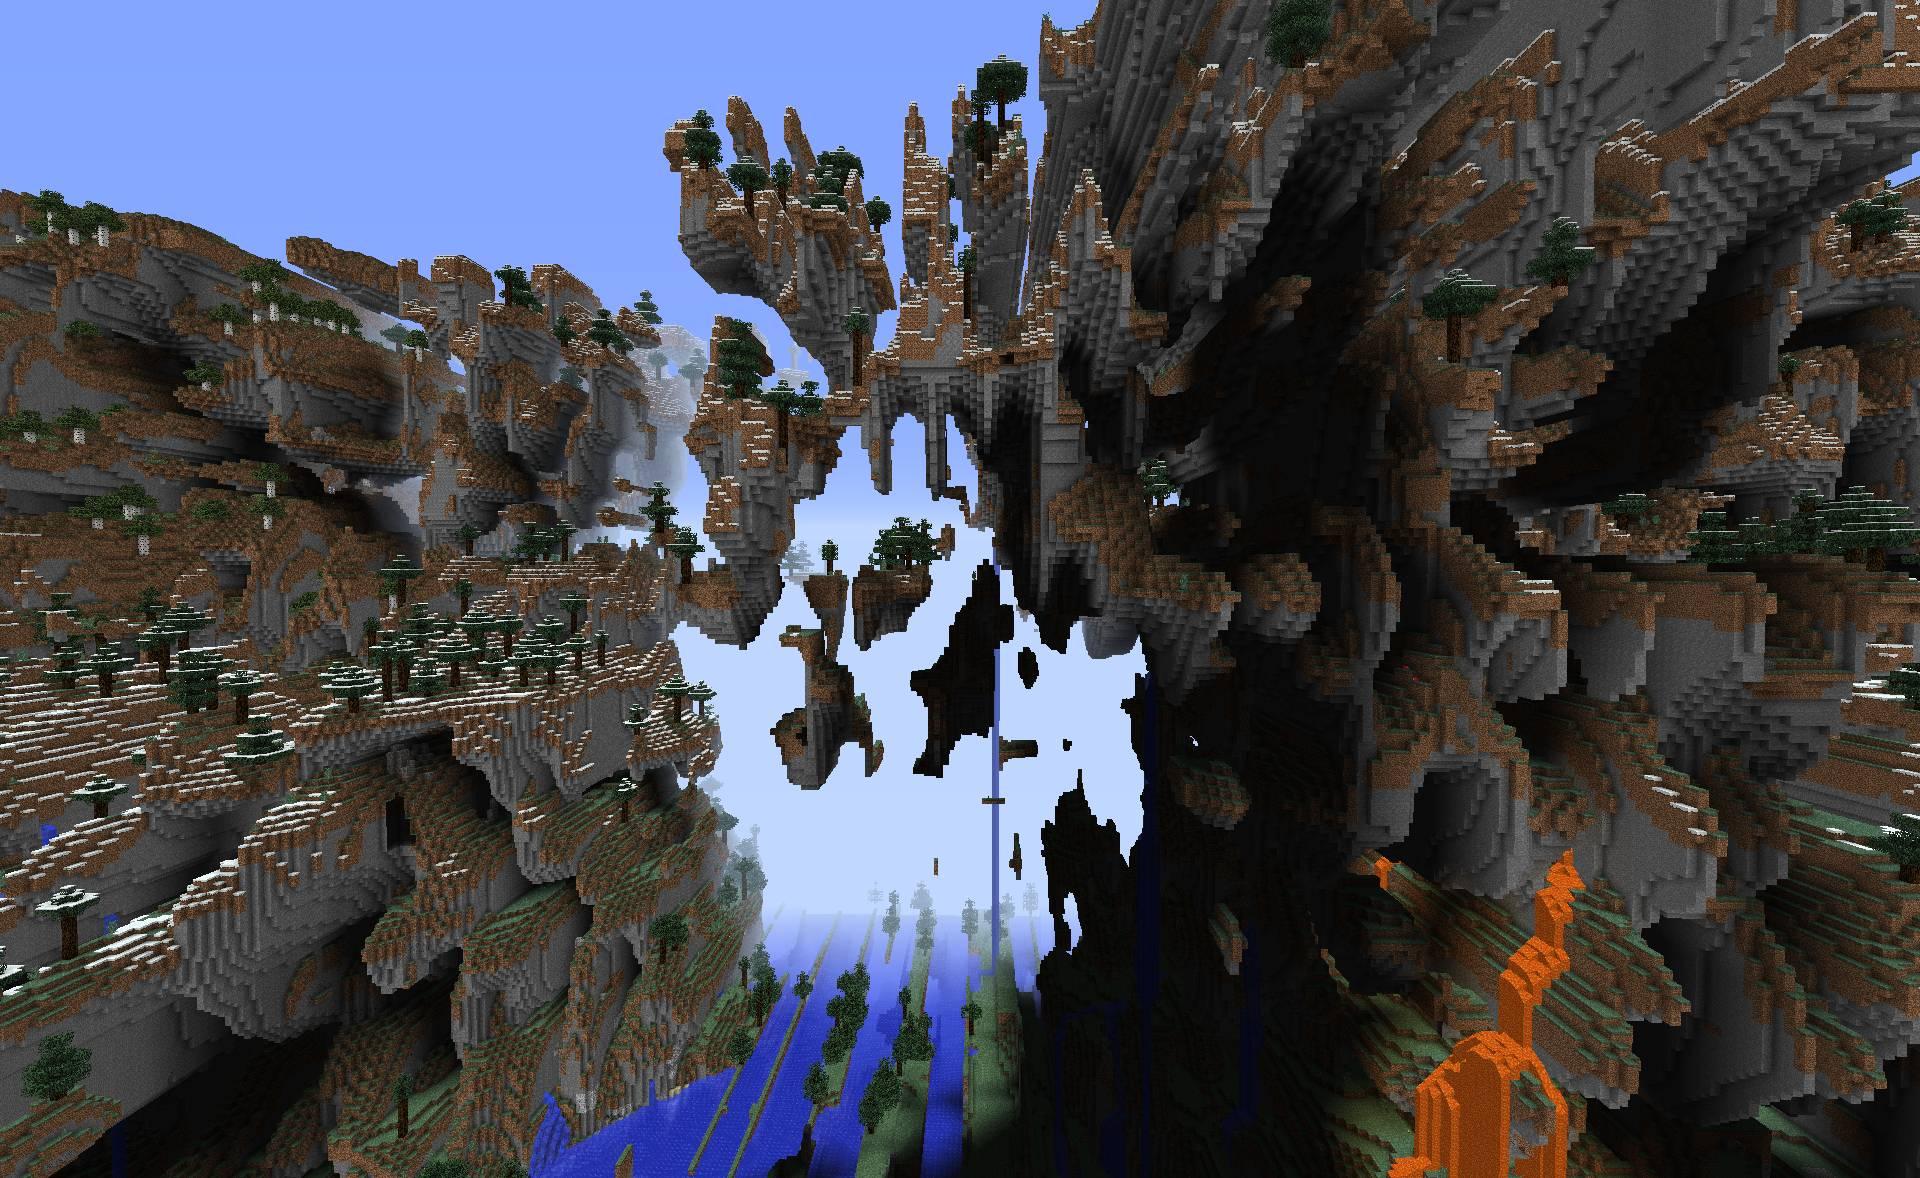 L'épopée ultime dans l'univers de Minecraft Découvrez l'univers de Minecraft, le jeu bac à sables à succès, décliné en 8 épisodes qui vous feront vivre une aventure où la seule limite est votre imagination ou votre capacité à survivre face aux zombies, creepers et squelettes qui peuplent le monde de Minecraft.